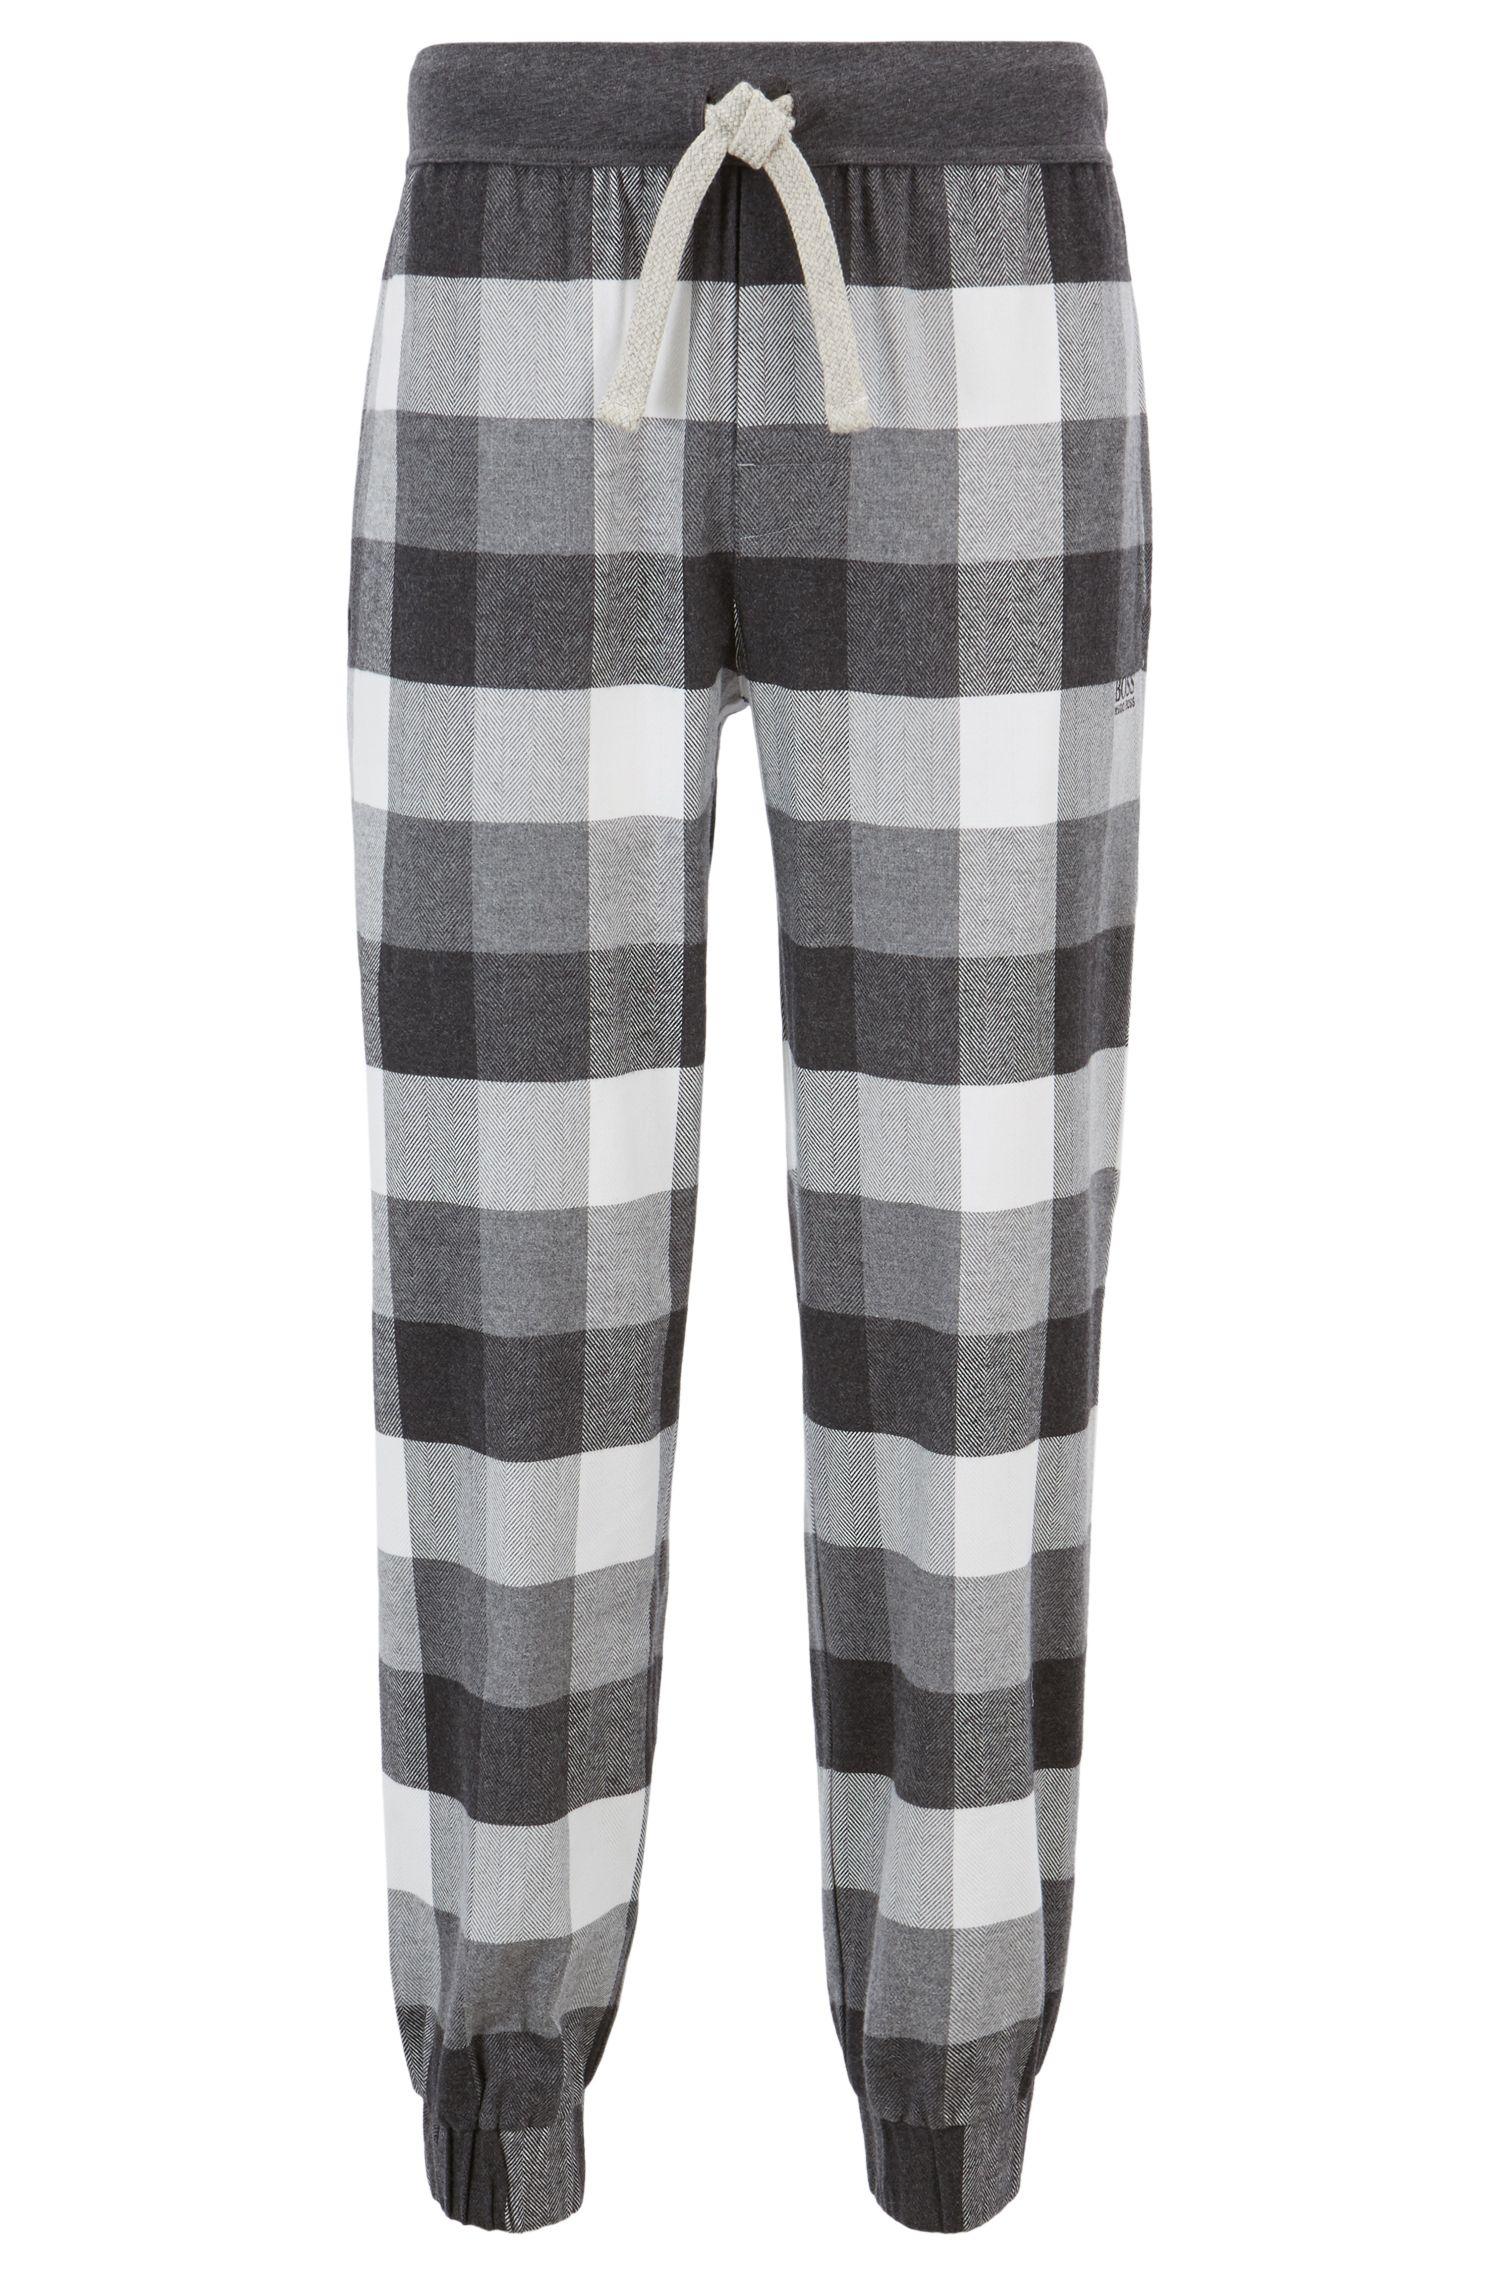 Pantalones de pijama en franela cepillada con cordón en contraste, Gris